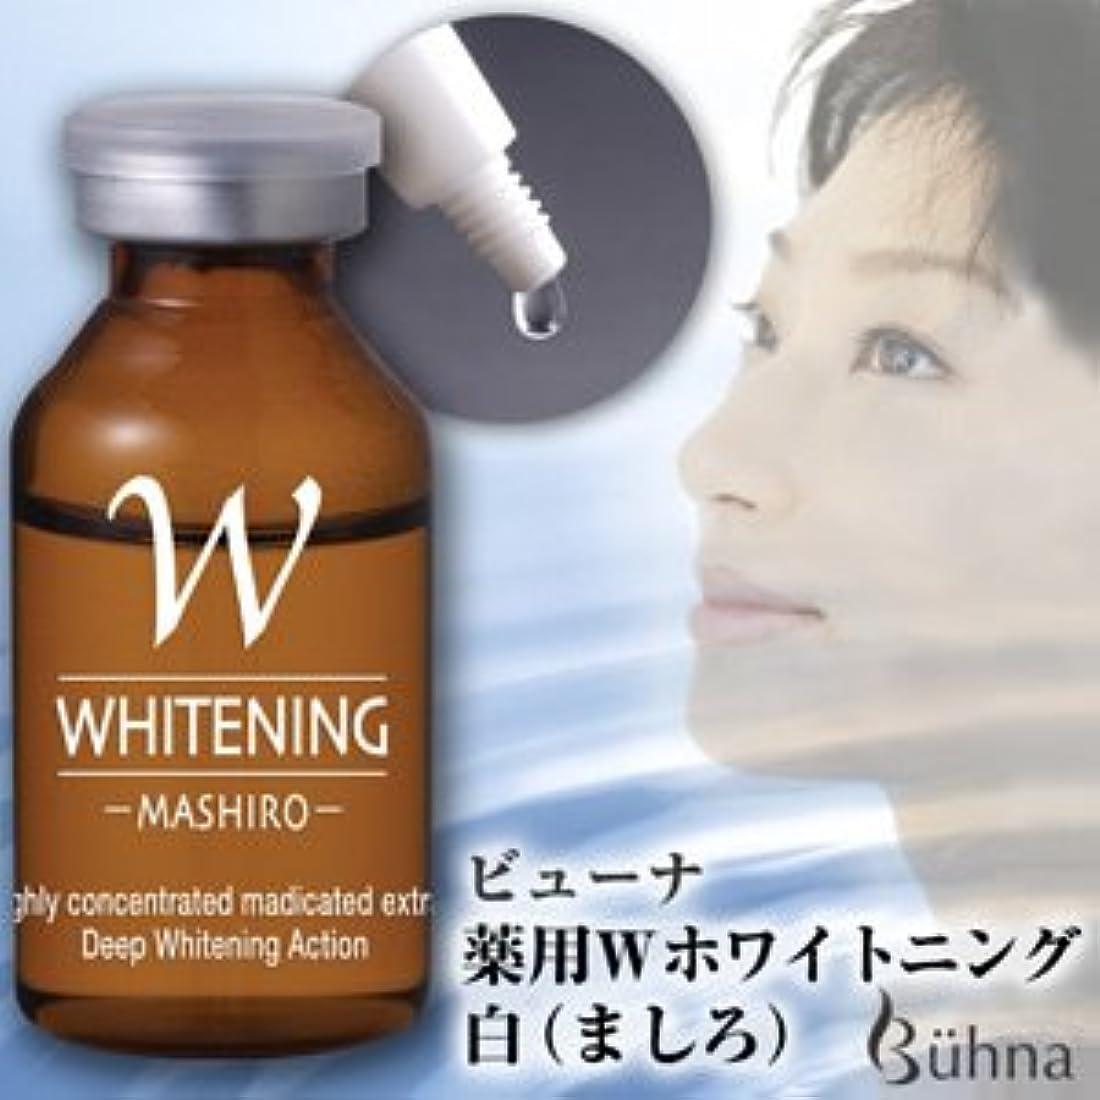 カリング代わりの変える超高濃度!W原液がシミを断つ、翌朝の肌で感じる美肌力『薬用ダブルホワイトニング白(ましろ)』